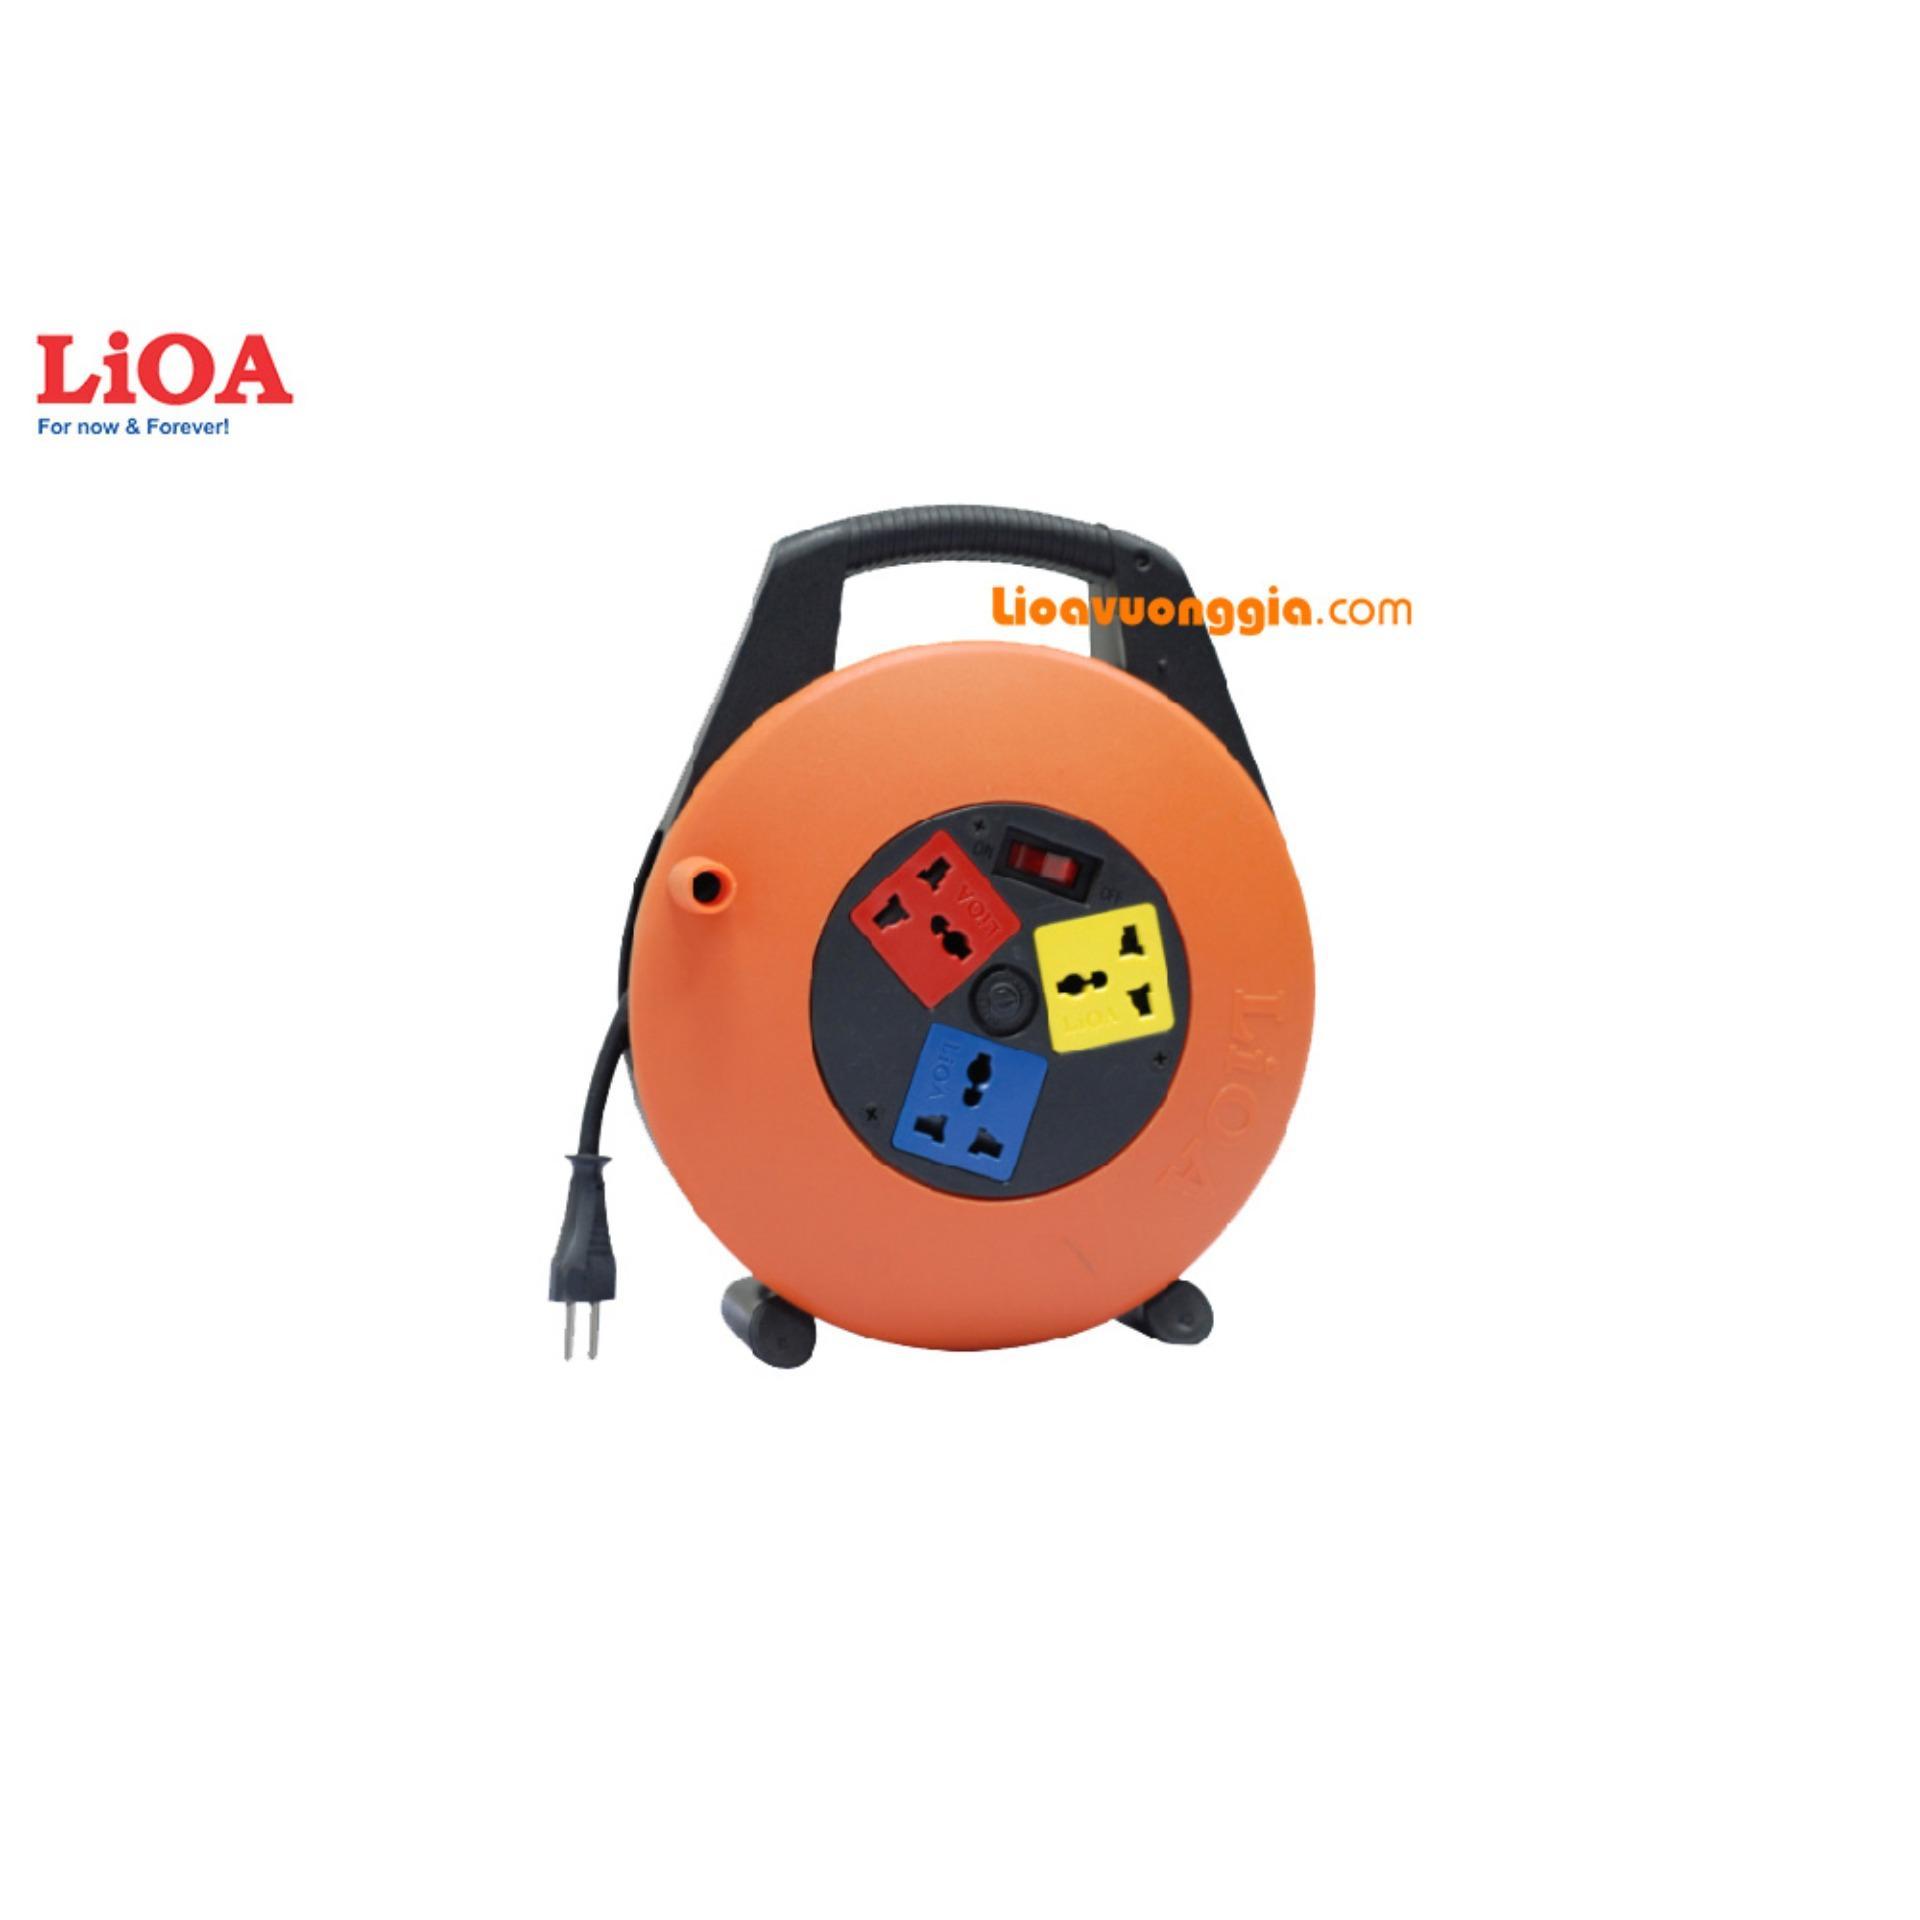 Ổ cắm kéo dài quay tay LIOA - Kiểu xách tay 15A 10m dây - XTD10-2-15A